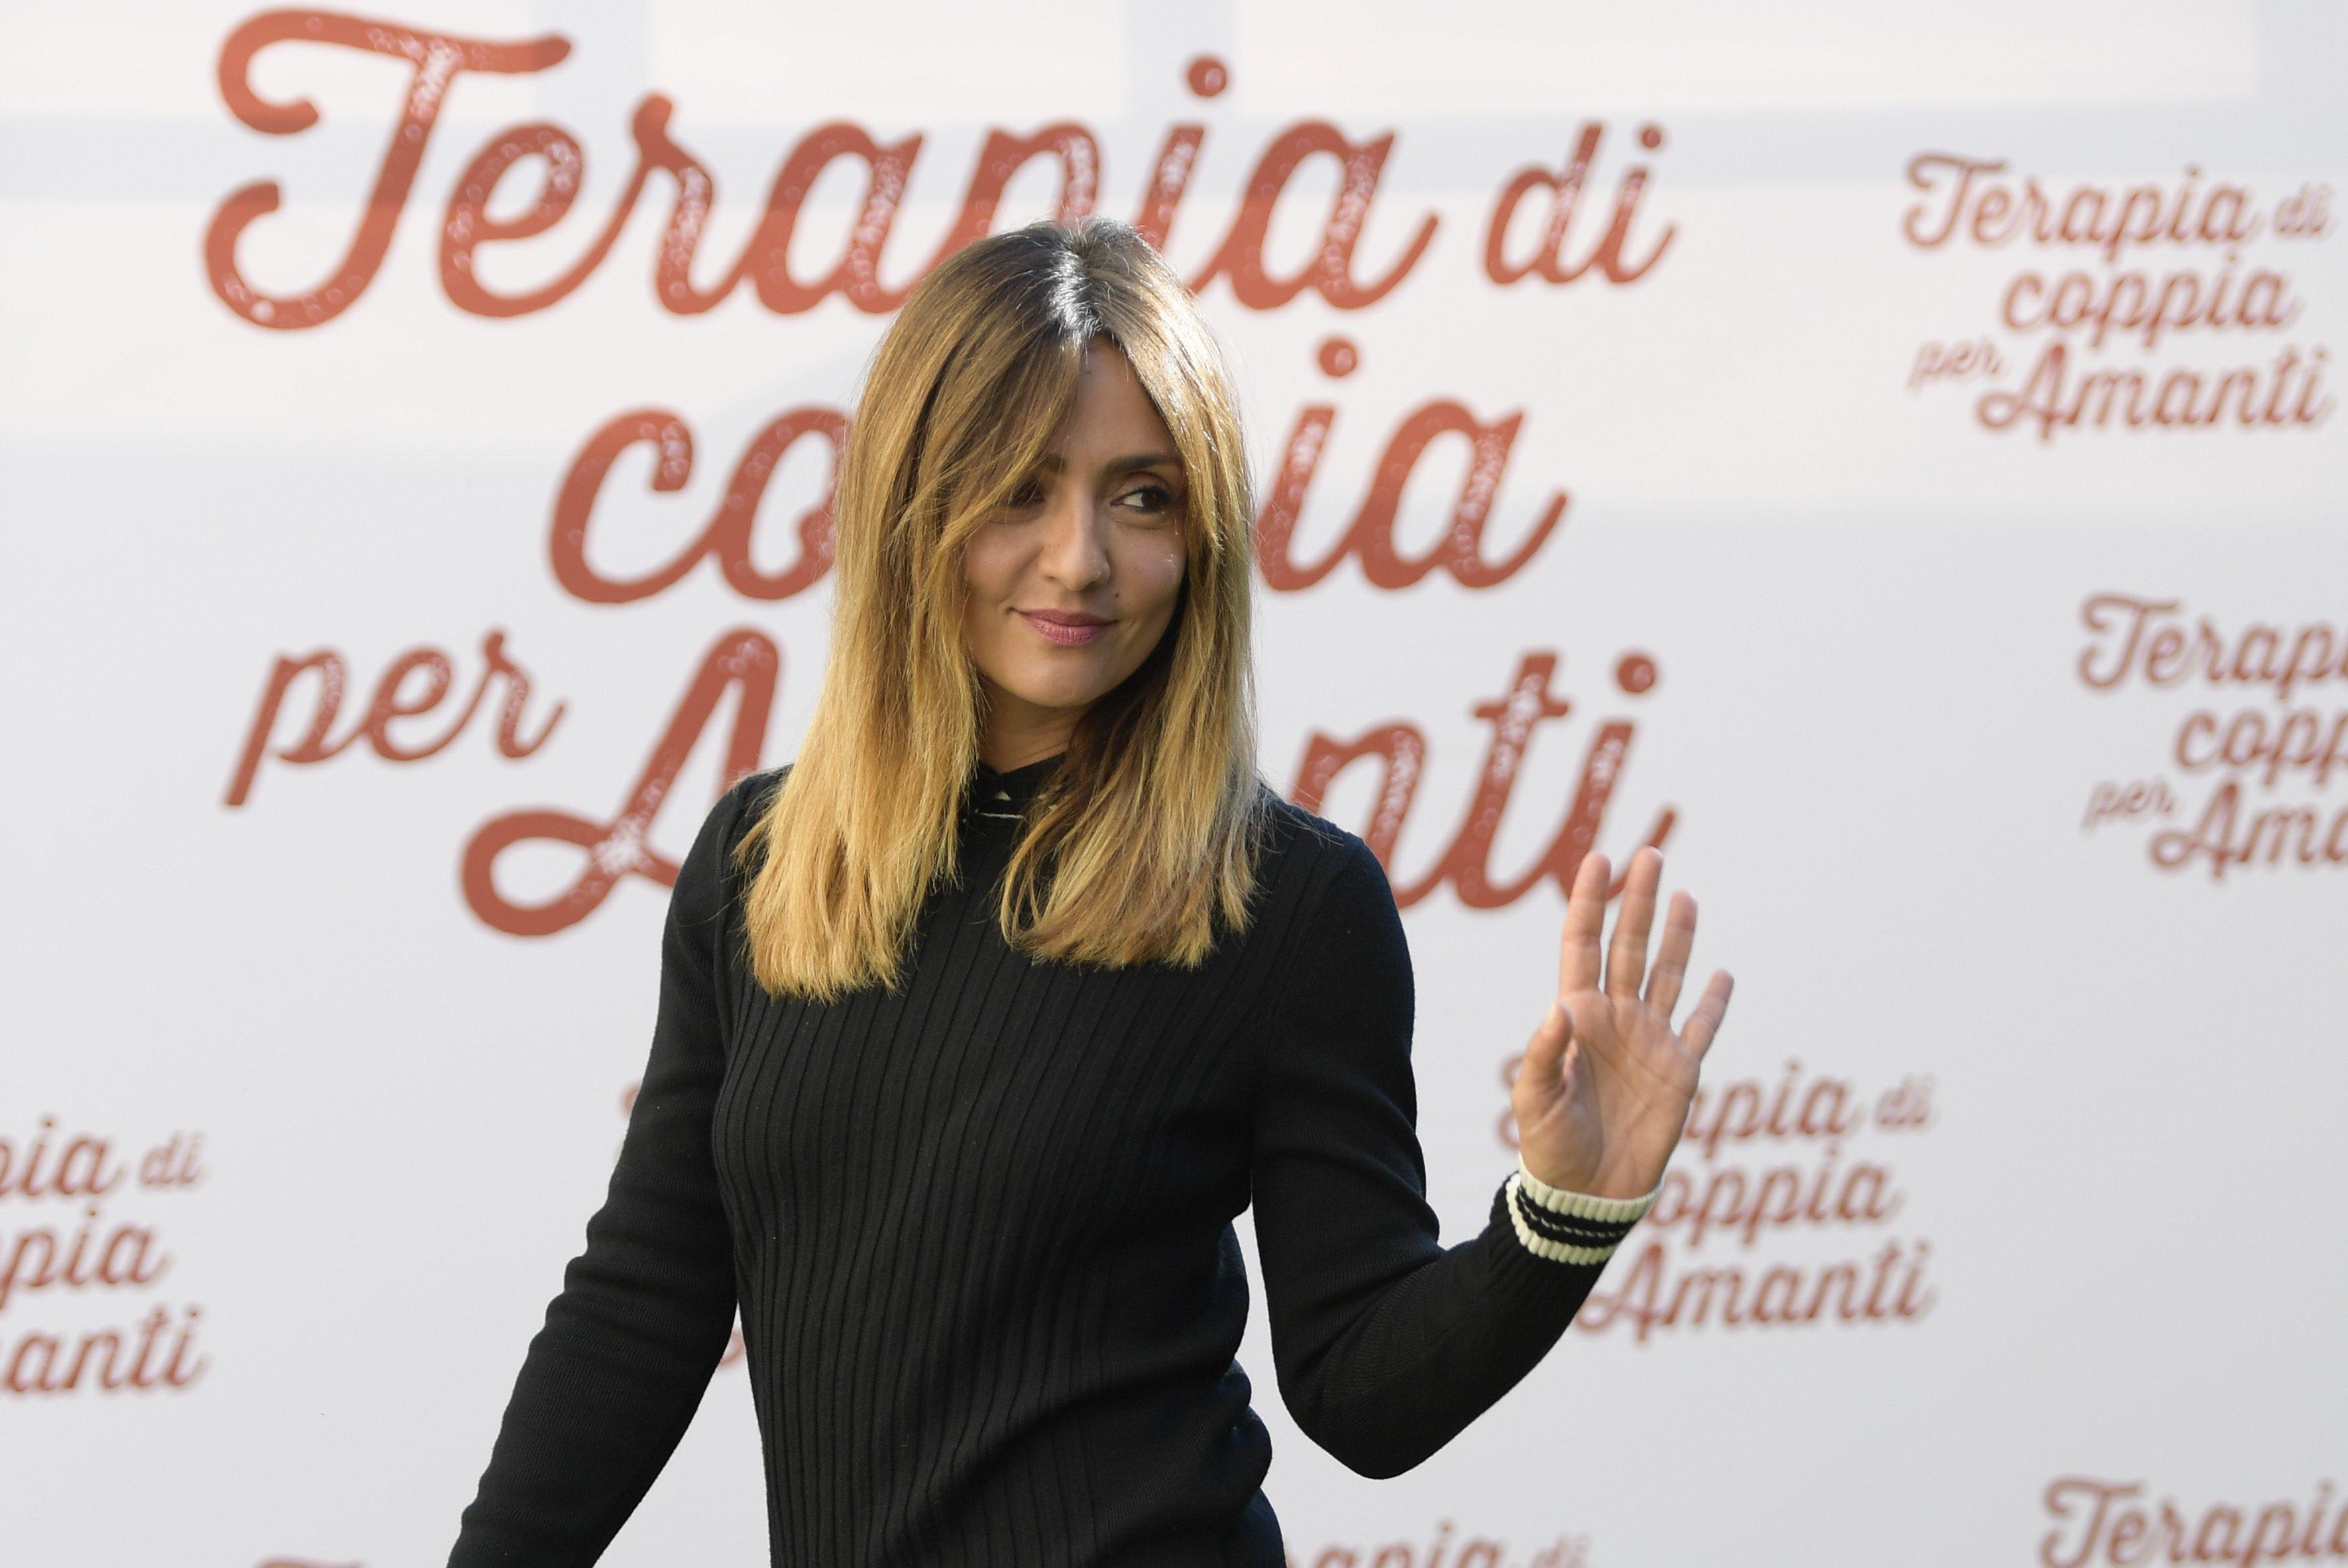 Ambra Angiolini Sceglie I Capelli Bicolor Il Nuovo Look Per Il